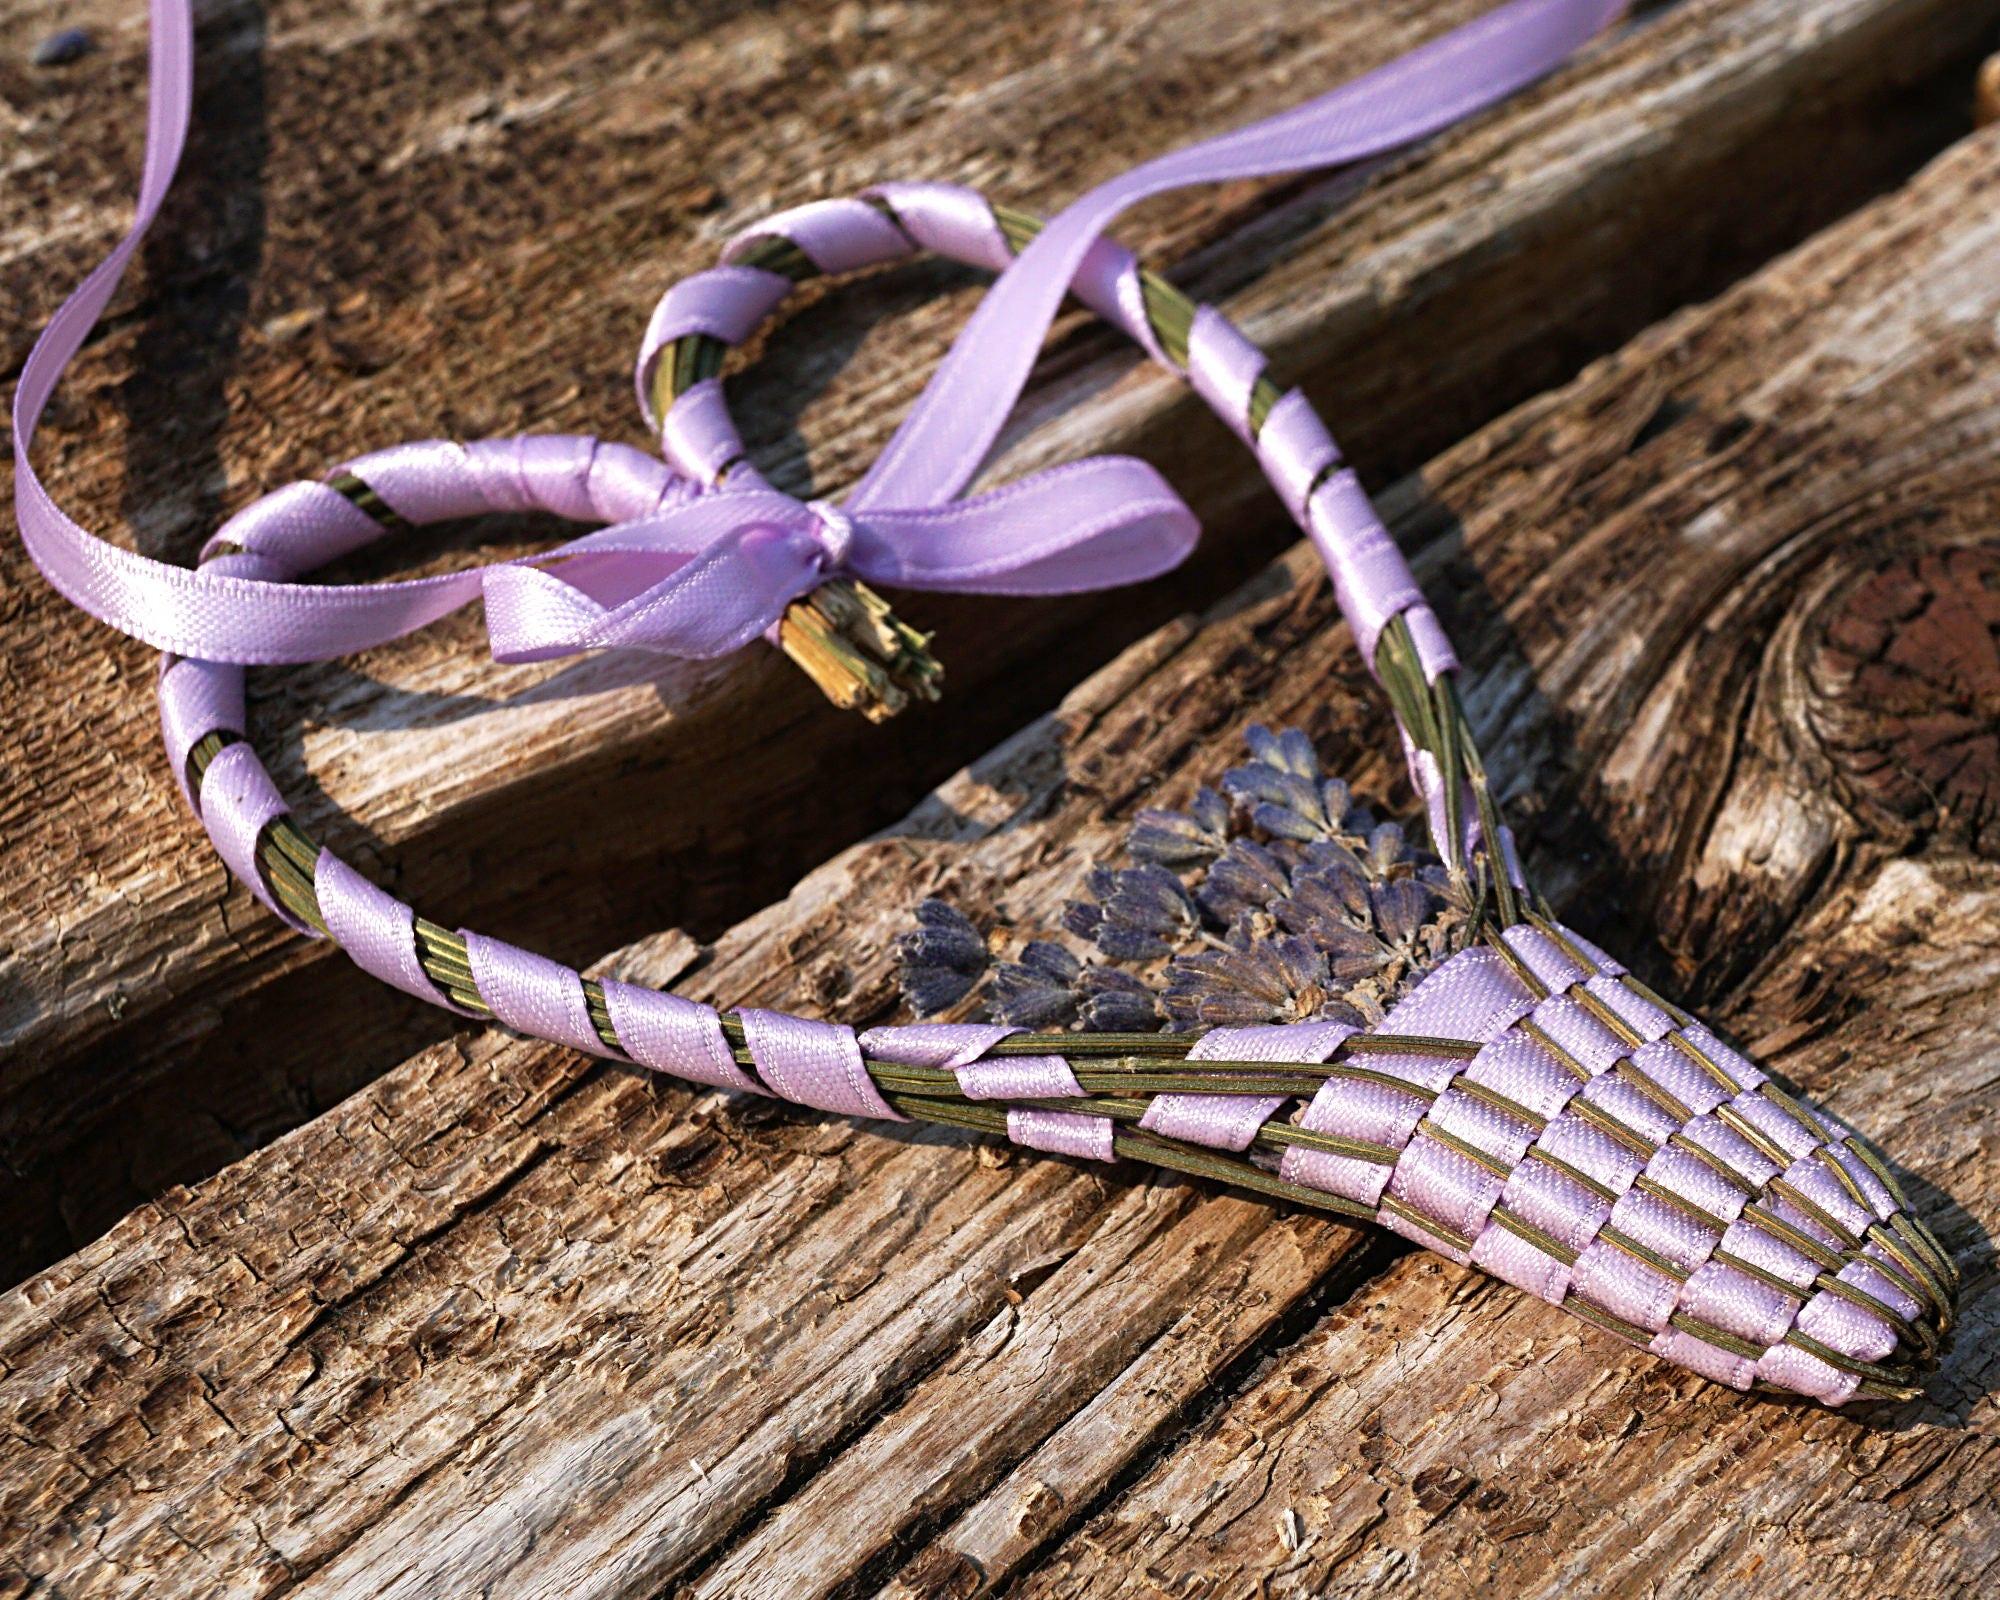 Herbst Dekor Lavendel Korb Herz Bio Lavendel Zauberstab meiner | Etsy